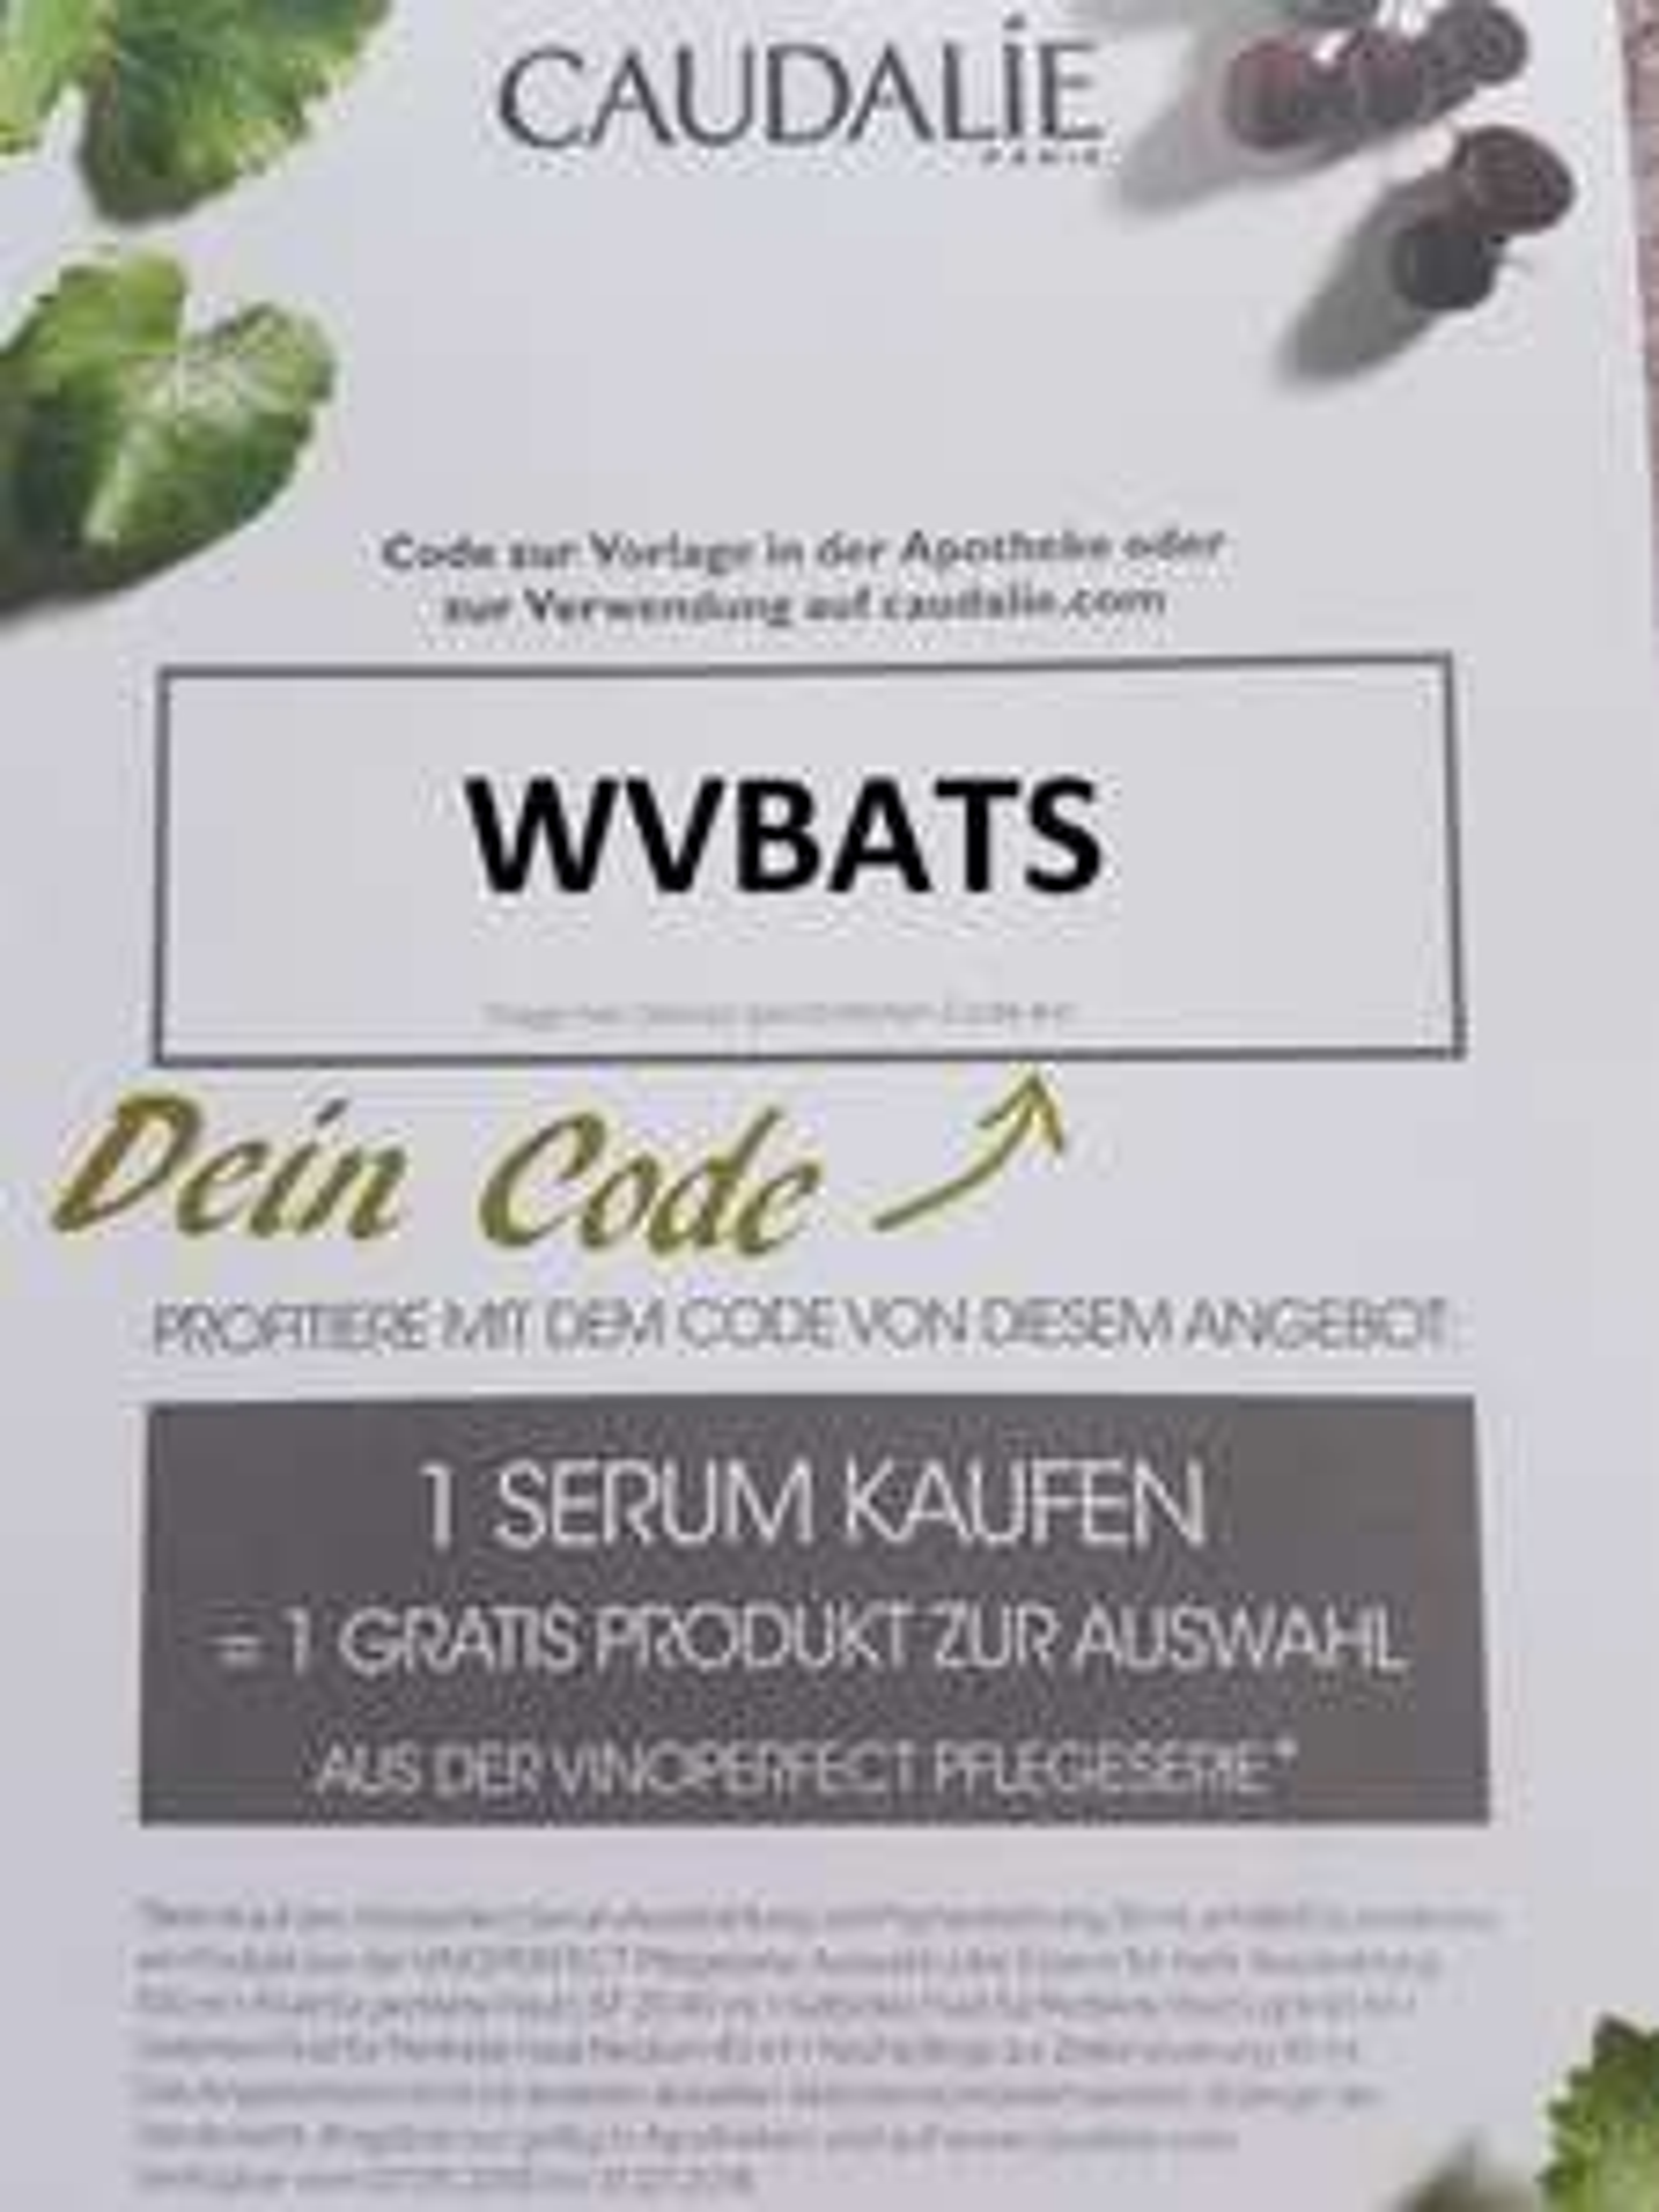 Caudalíe Paris Gratisprodukt beim Kauf des Vinoperfect Serum 30ml